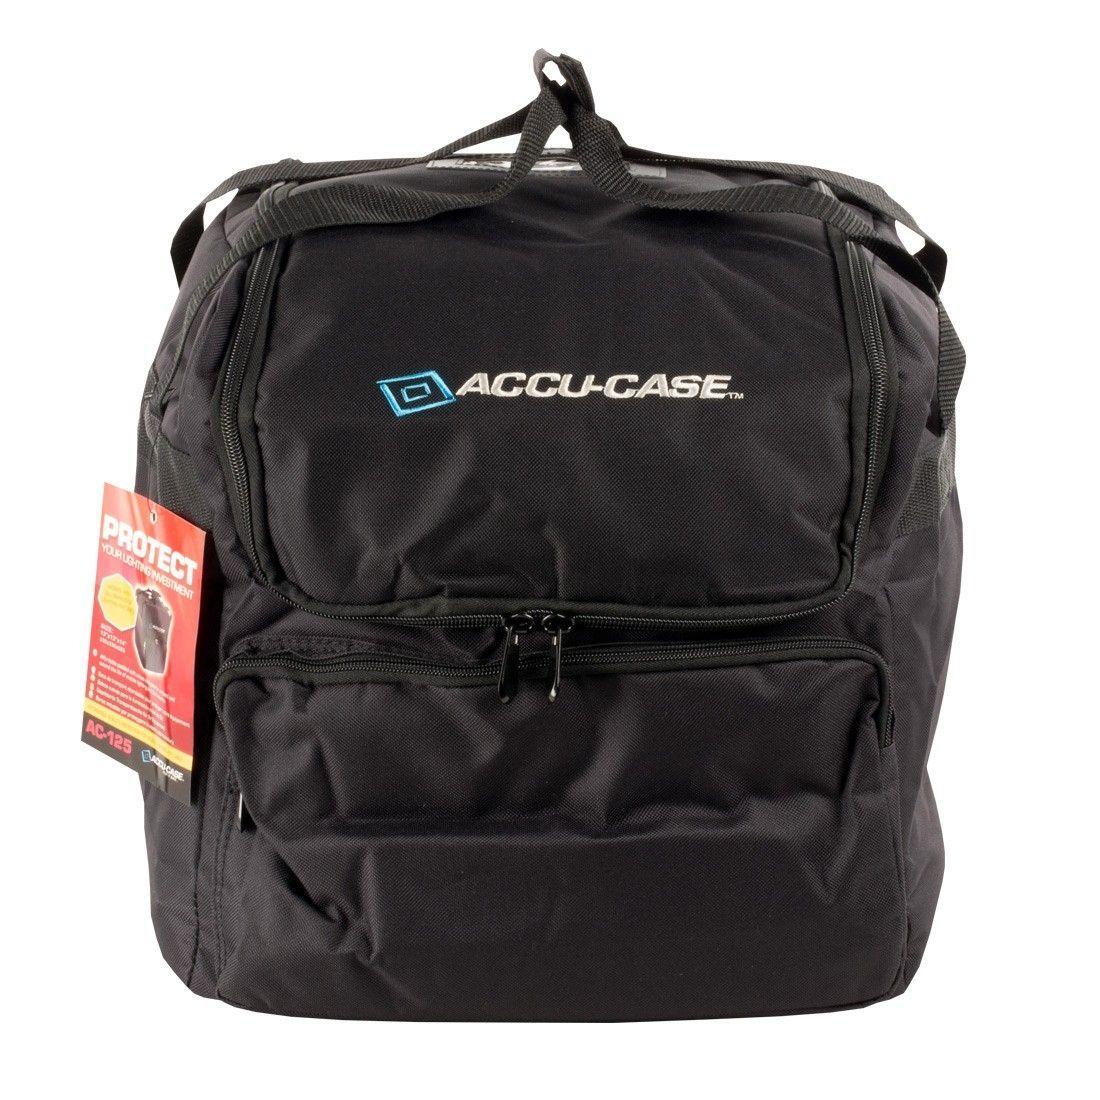 Accu-Case ASC-AC-125 Bag 330 x 330 x 355mm